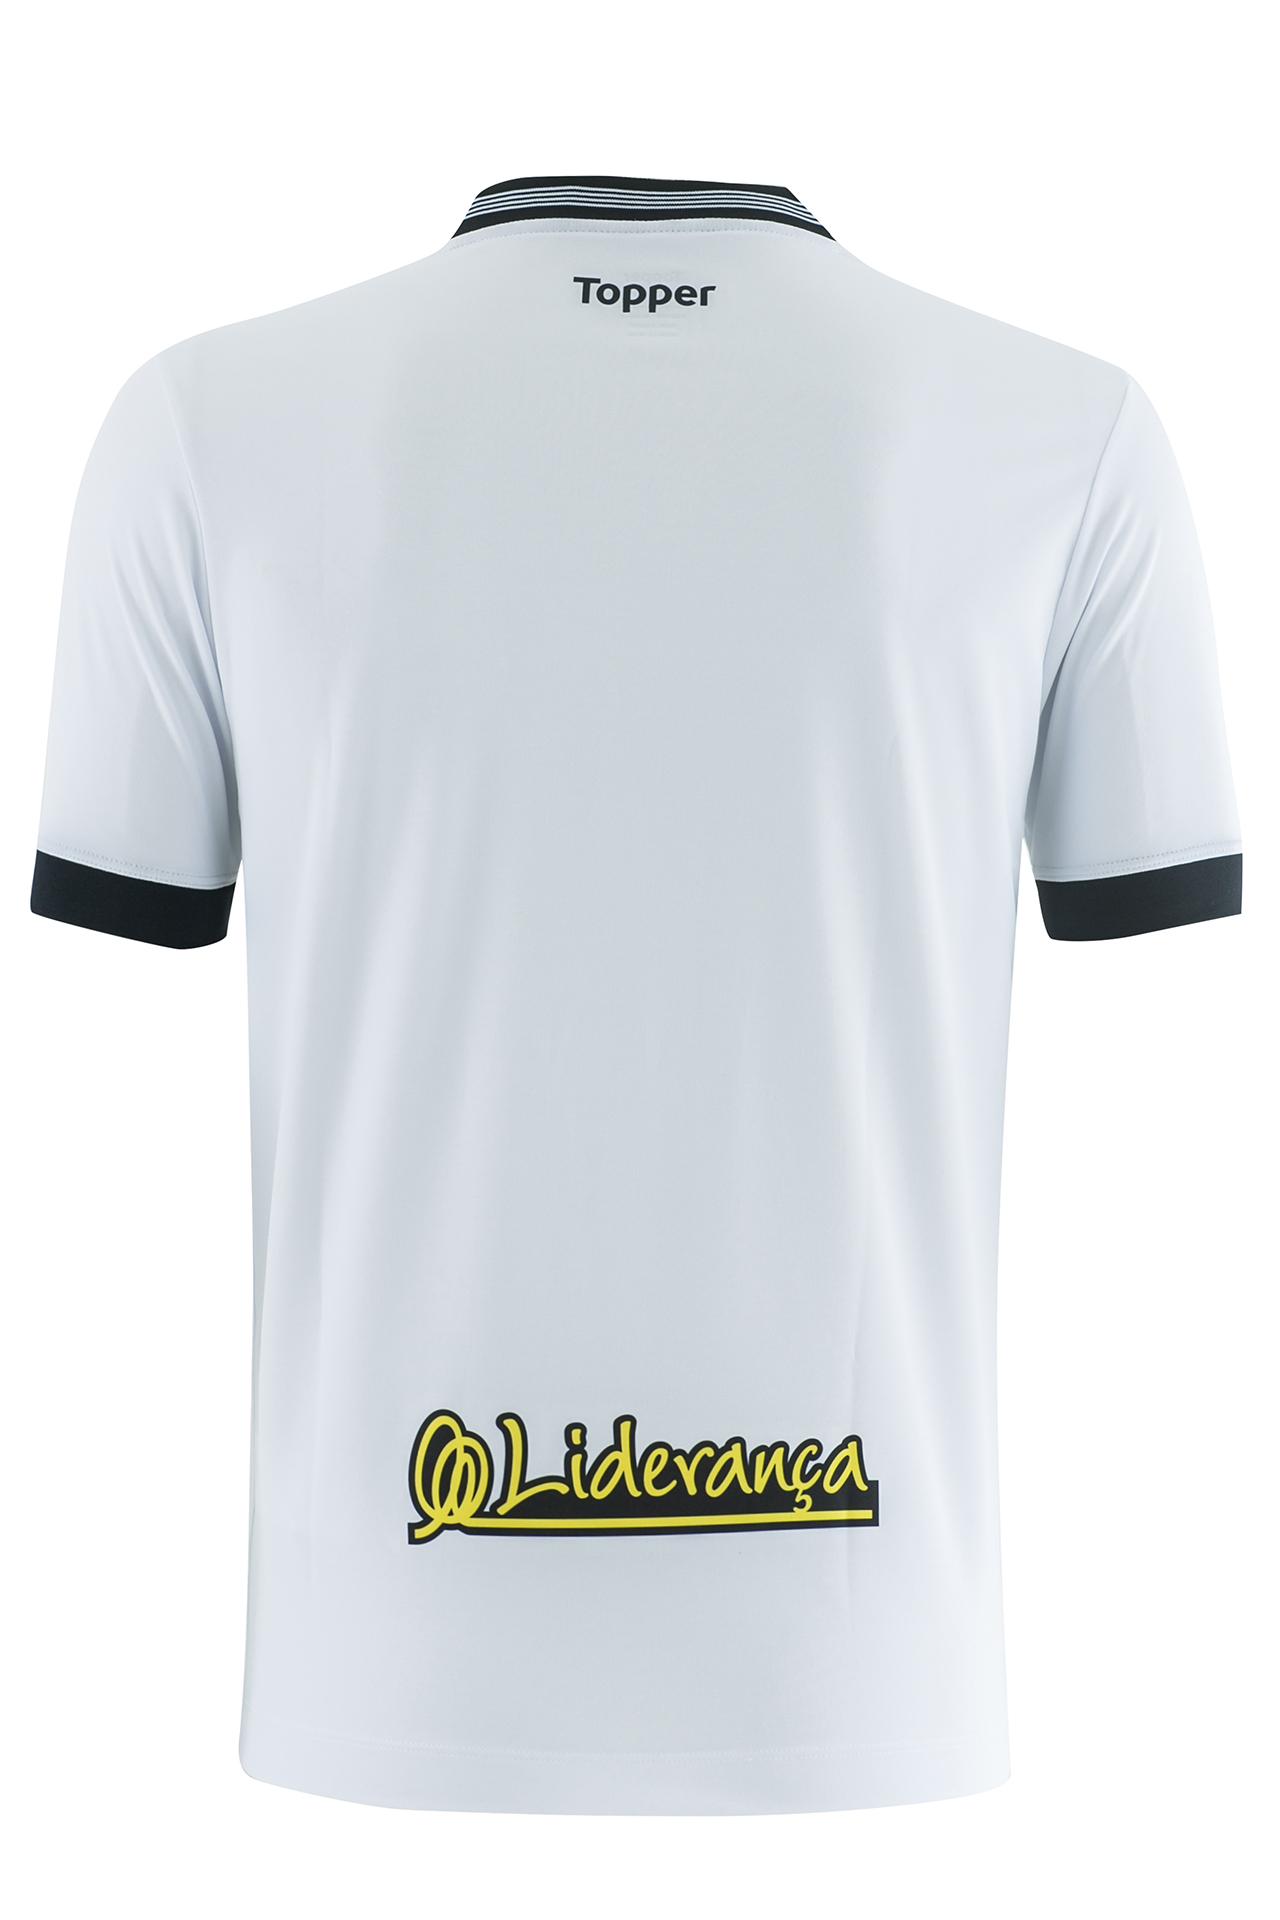 Novas camisas de goleiro e aquecimento  ce88840ddb70b